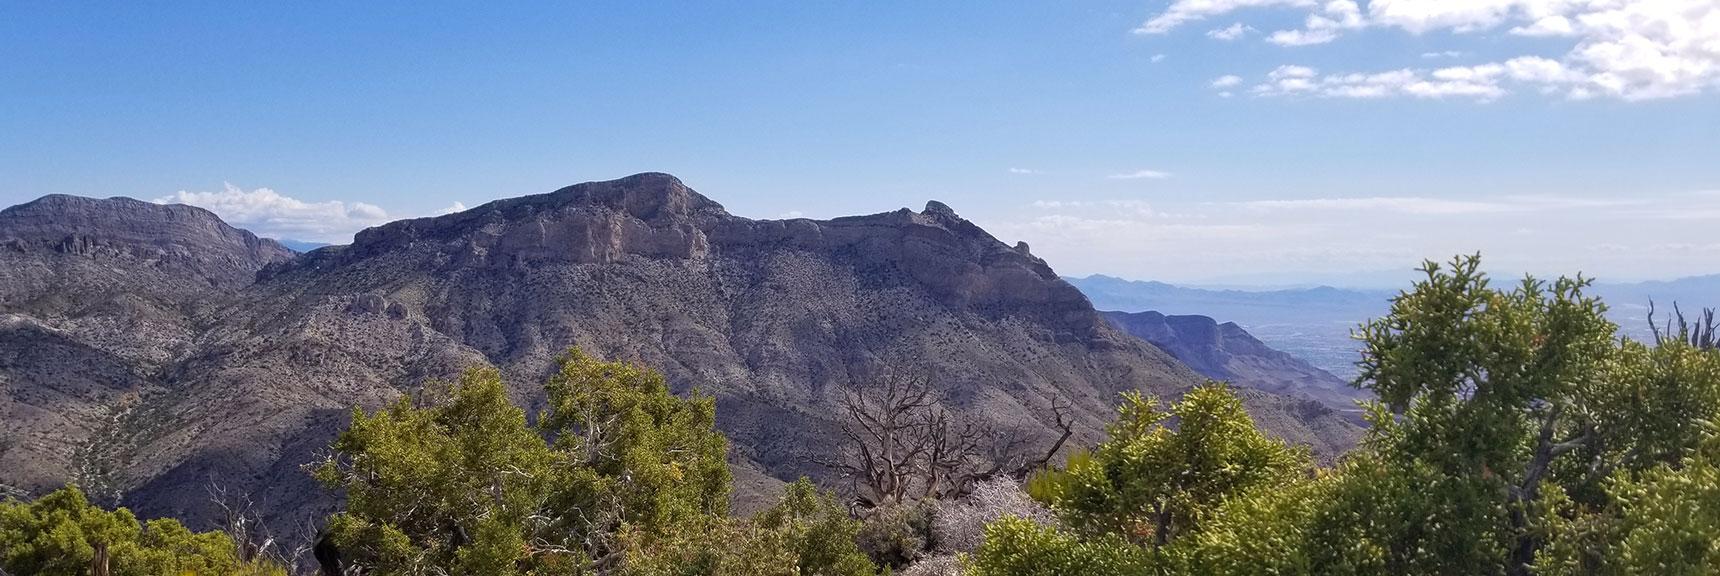 Damsel Peak Viewed from Turtlehead Peak Summit in Red Rock National Park, Nevada